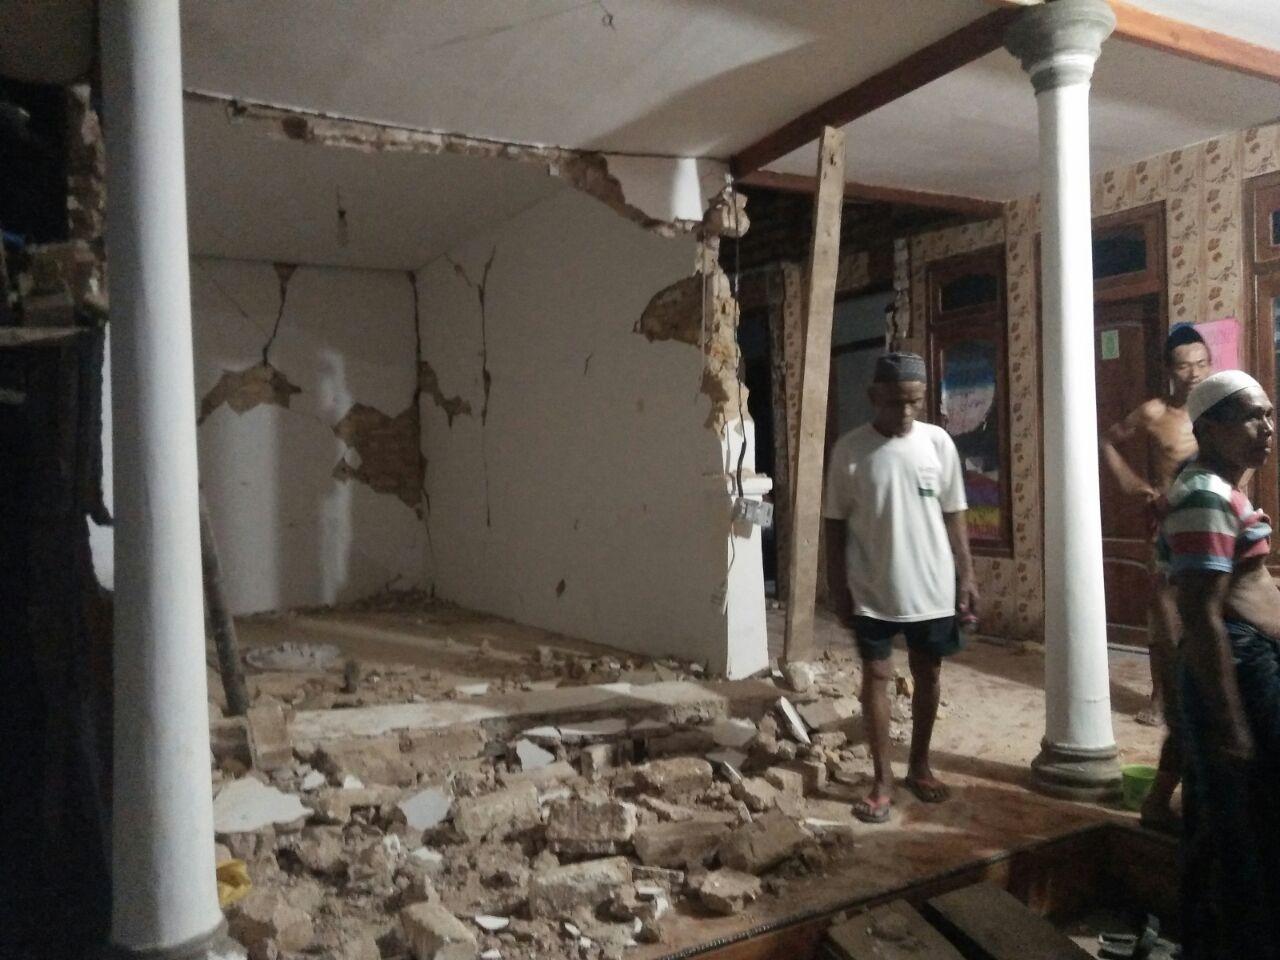 `Reruntuhan bangunan rumah milik warga yang terdampak gempa bumi di Sumenep, Jawa Timur, Rabu (13/6/2018). Photo : istimewa.